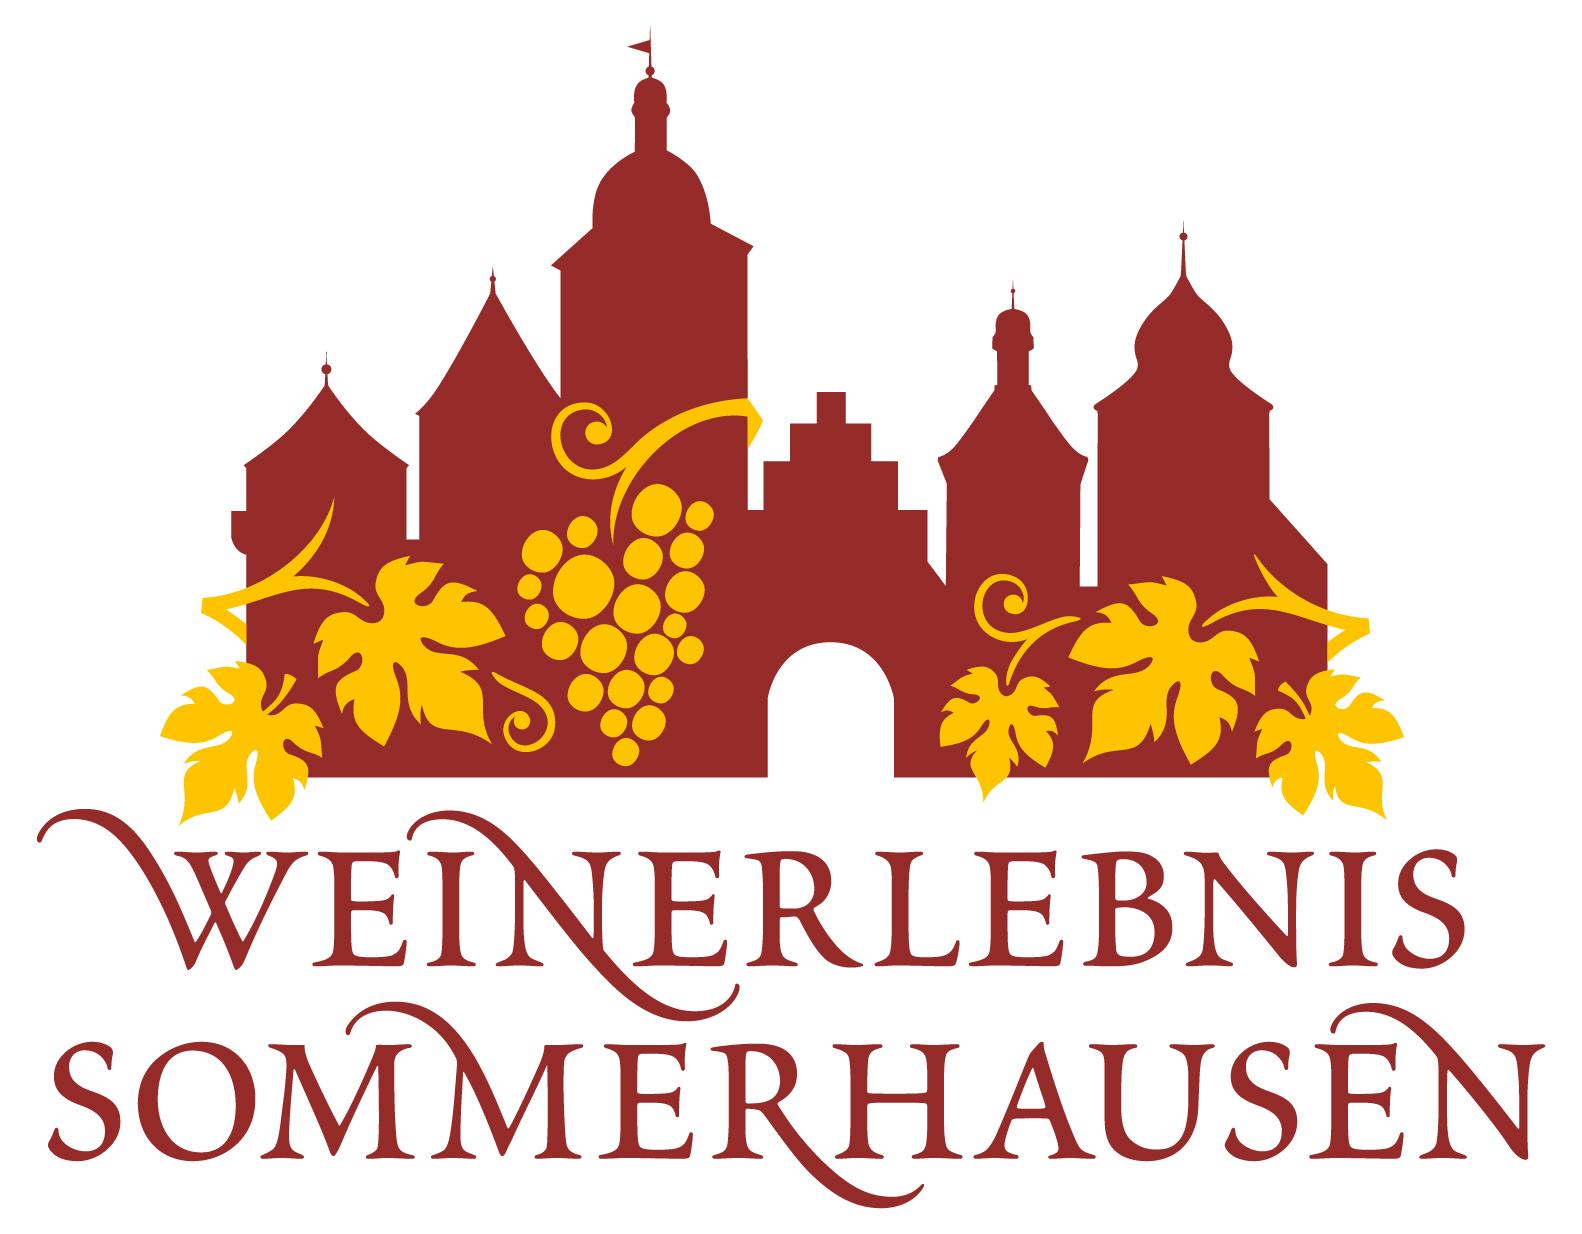 Weinshop Weinerlebnis Sommerhausen